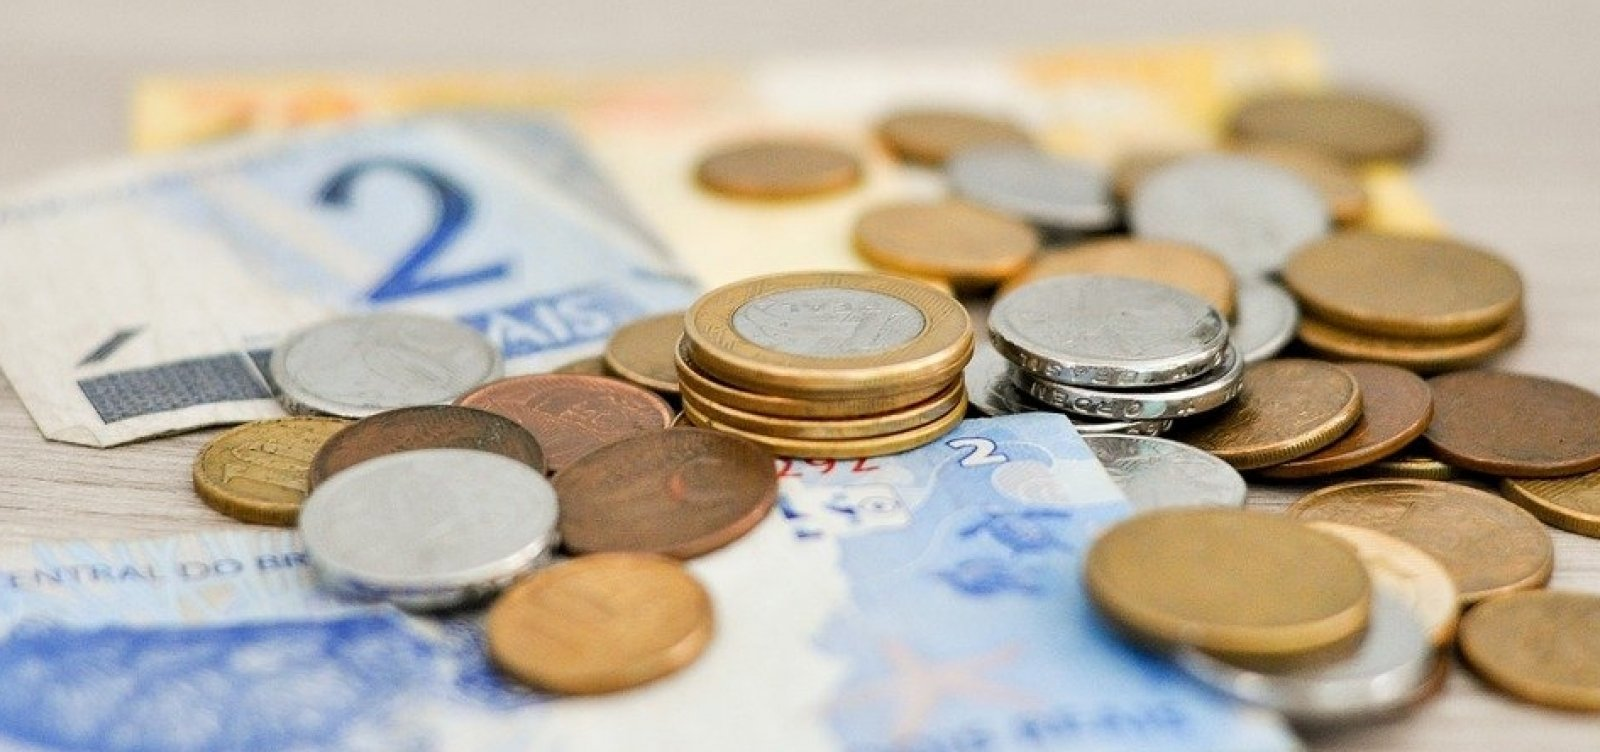 [Datafolha: 4 em cada 10 brasileiros acham que a situação econômica do país vai piorar]